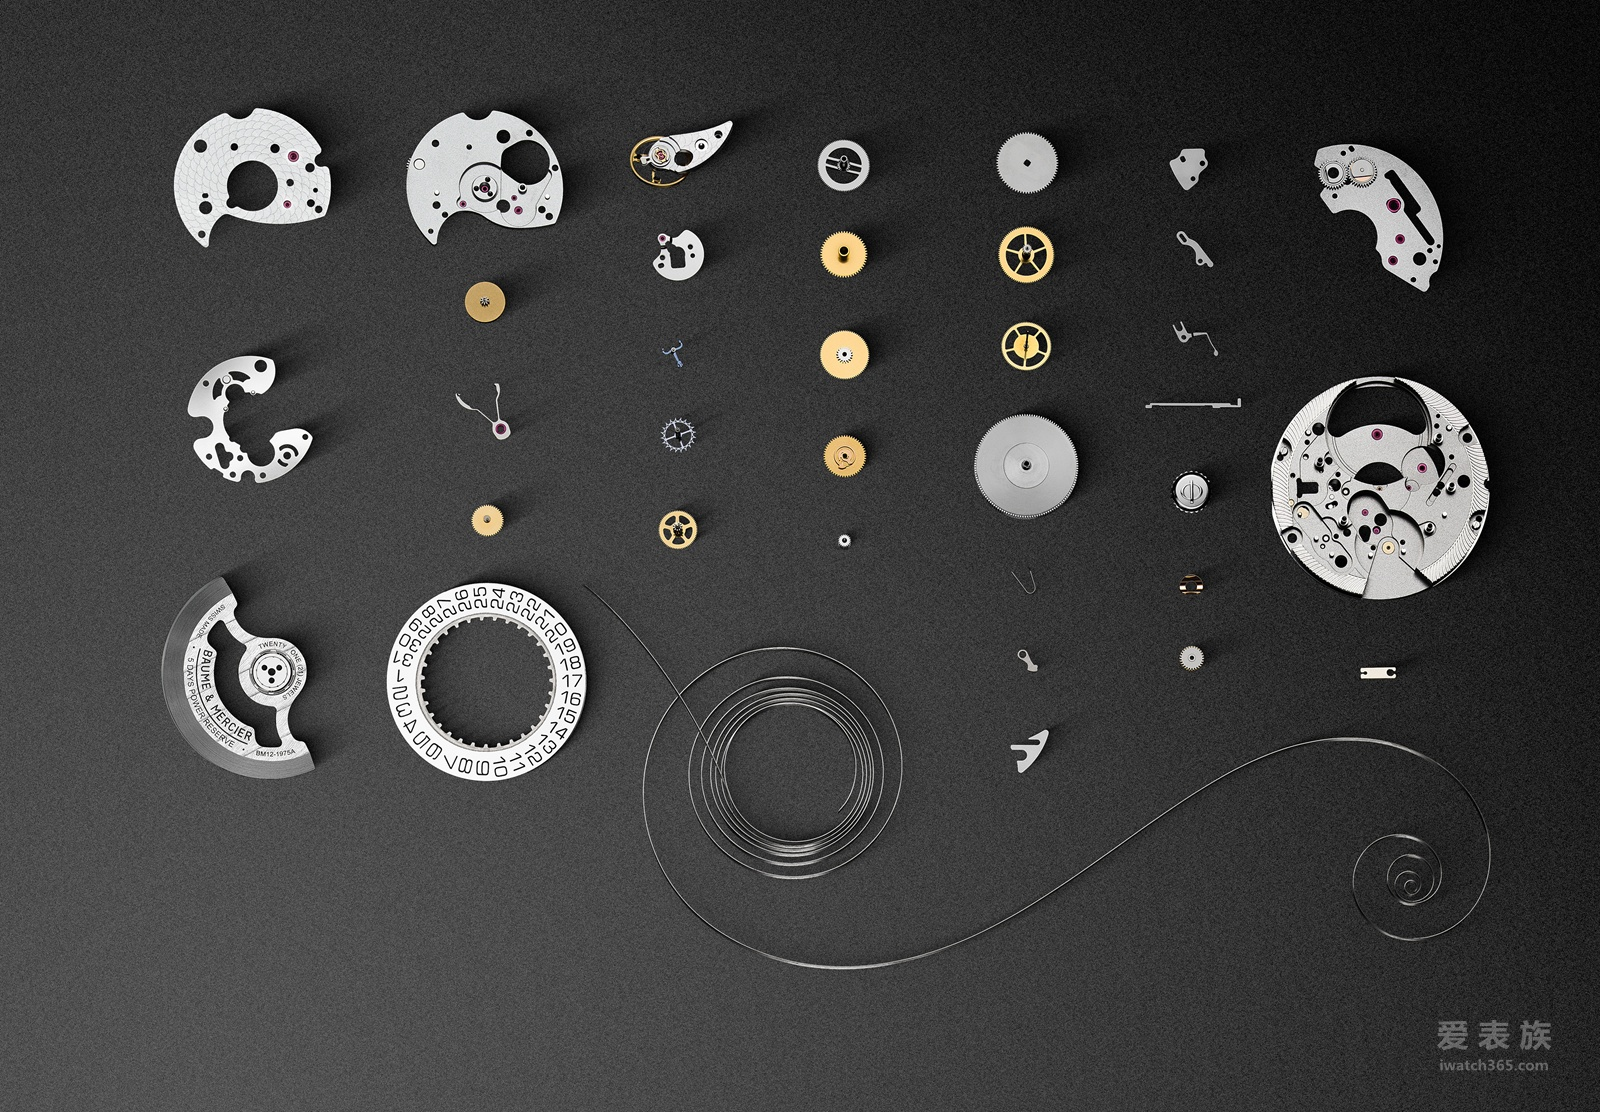 2018日内瓦表展上你最有可能买得起的自产机芯表款